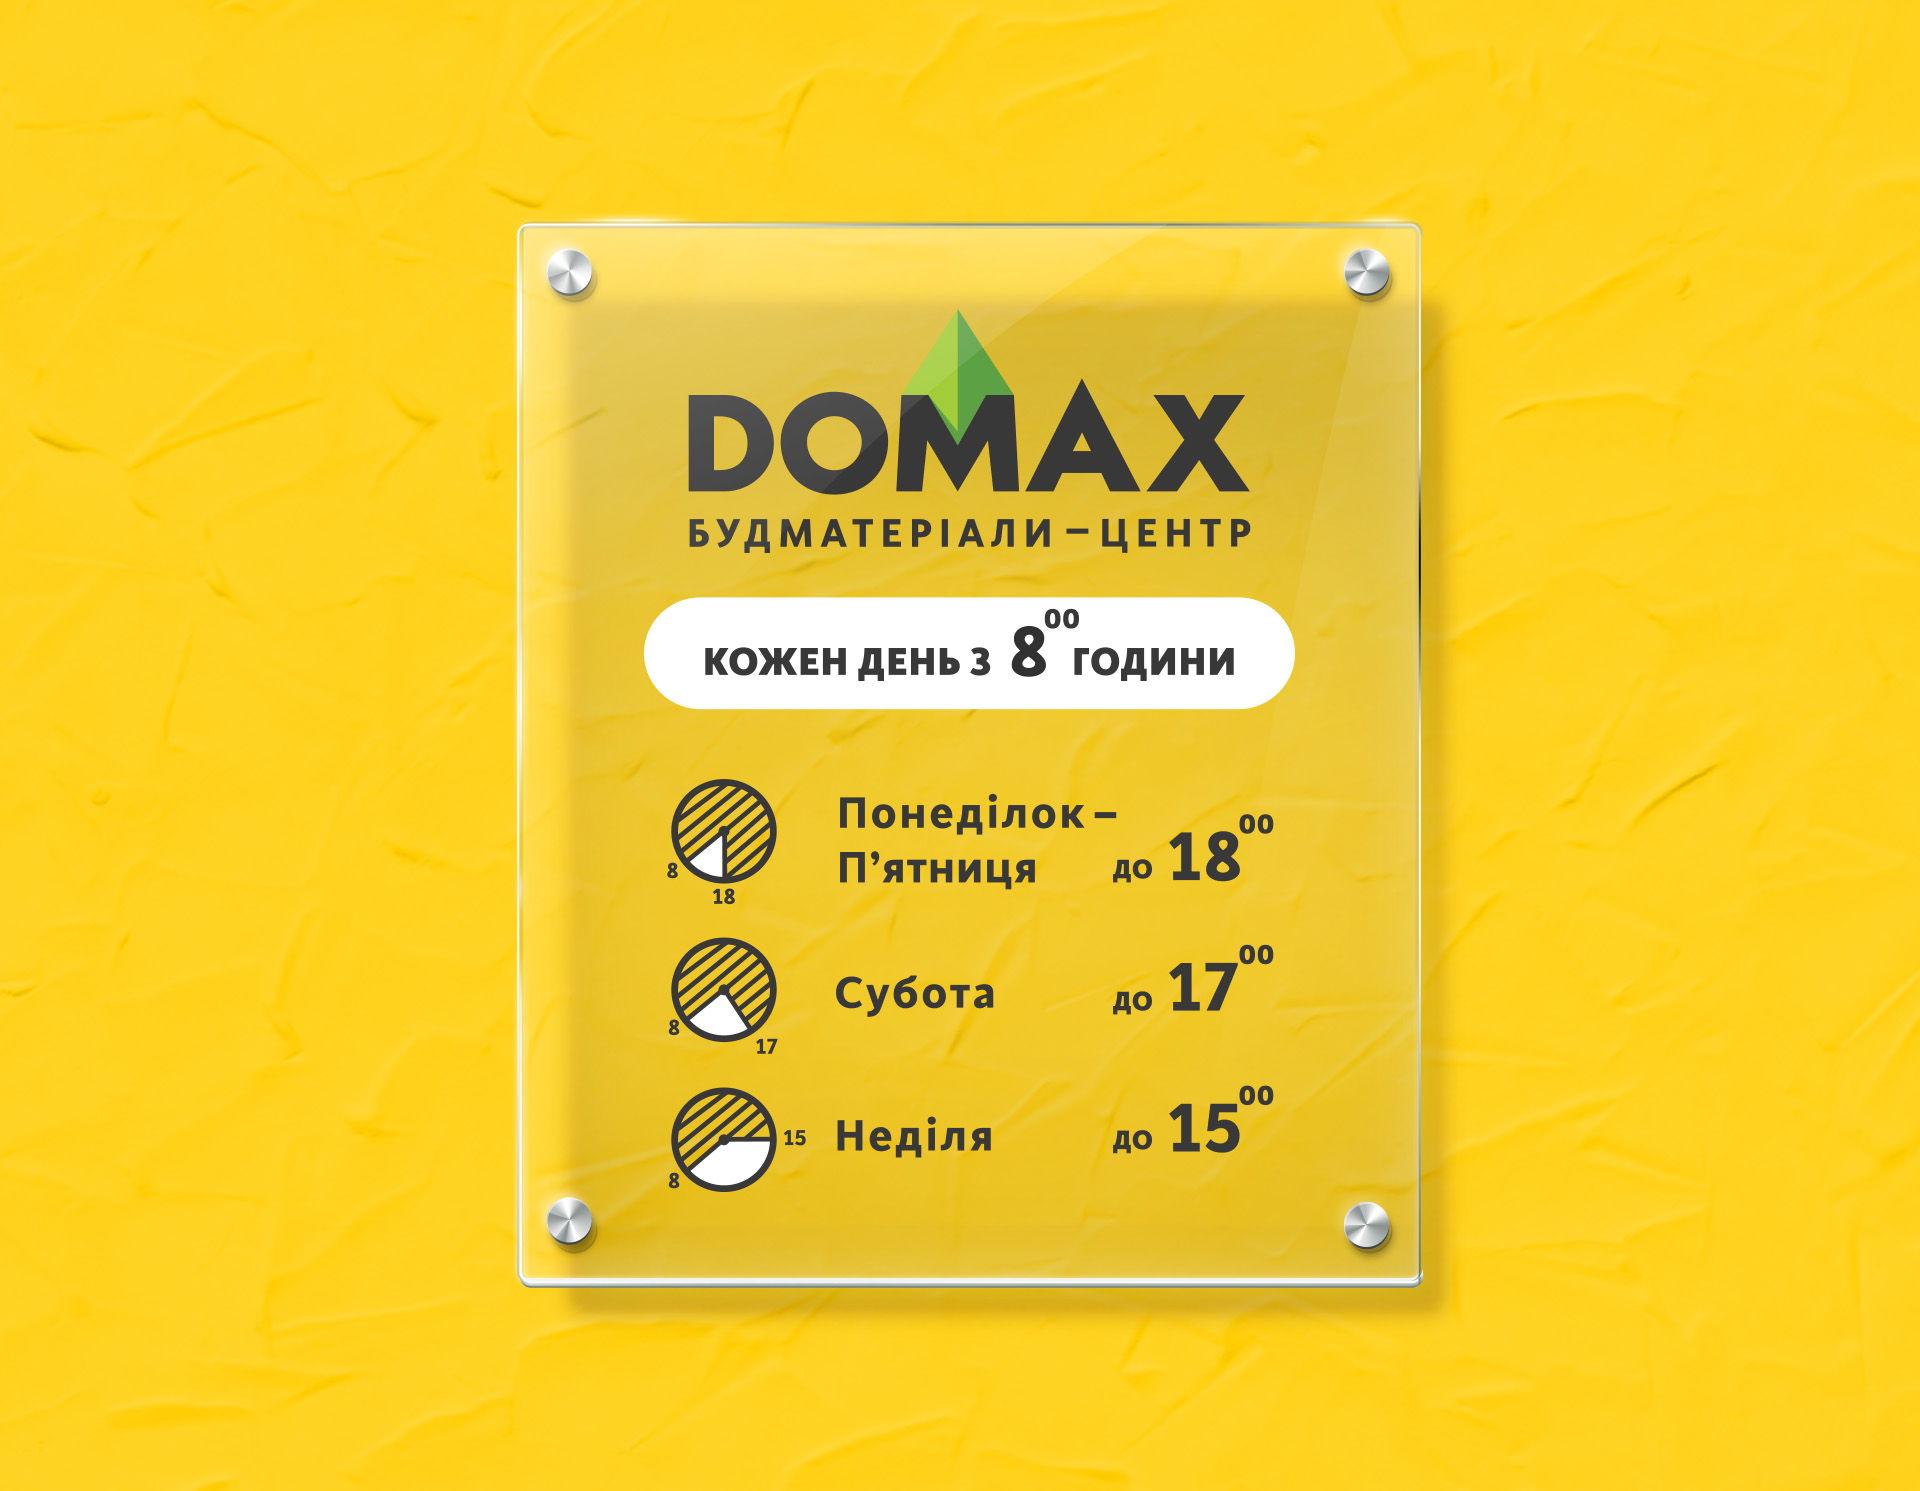 Design of the signboard строительного магазина, Building shop sign design